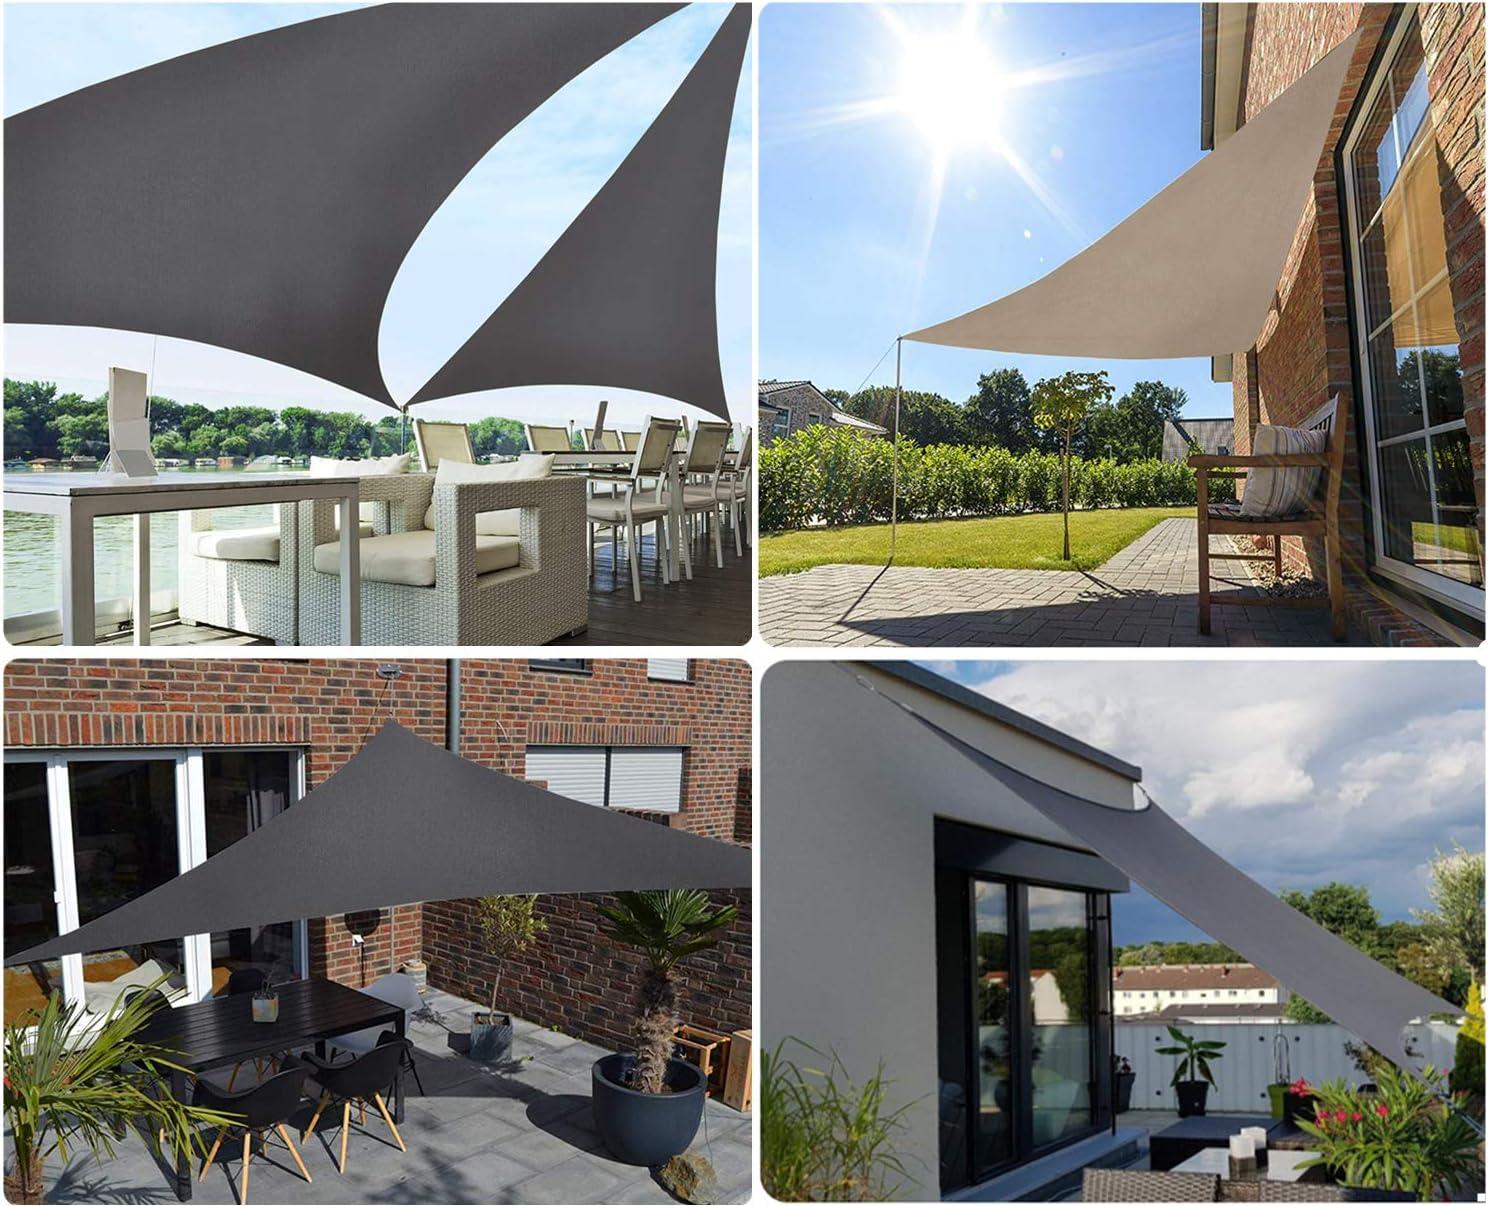 Sekey Toldo Vela de Sombra Triangular Protección Rayos UV, Resistente Impermeable Transpirable para Patio Exteriores Jardín, 3x3x3m Antracita, con Cuerda Libre: Amazon.es: Jardín